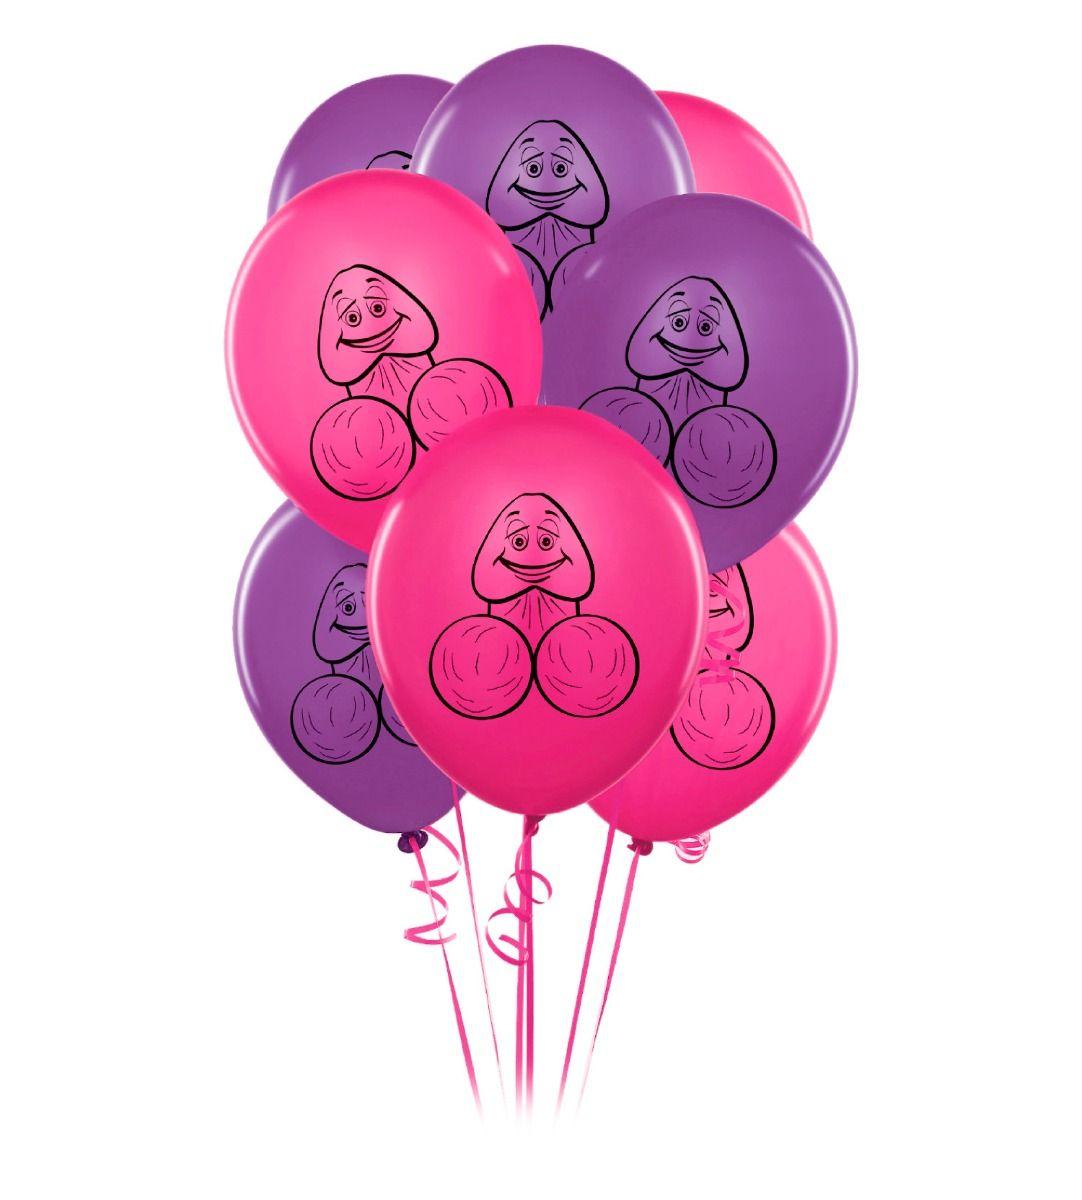 Balão Pênis, Balão Team bride, Balão decoração Despedida de solteira, Balão decoração chá de Lingerie, Bexiga Decoração Despedida de solteira, Bexiga decoração chá de Lingerie